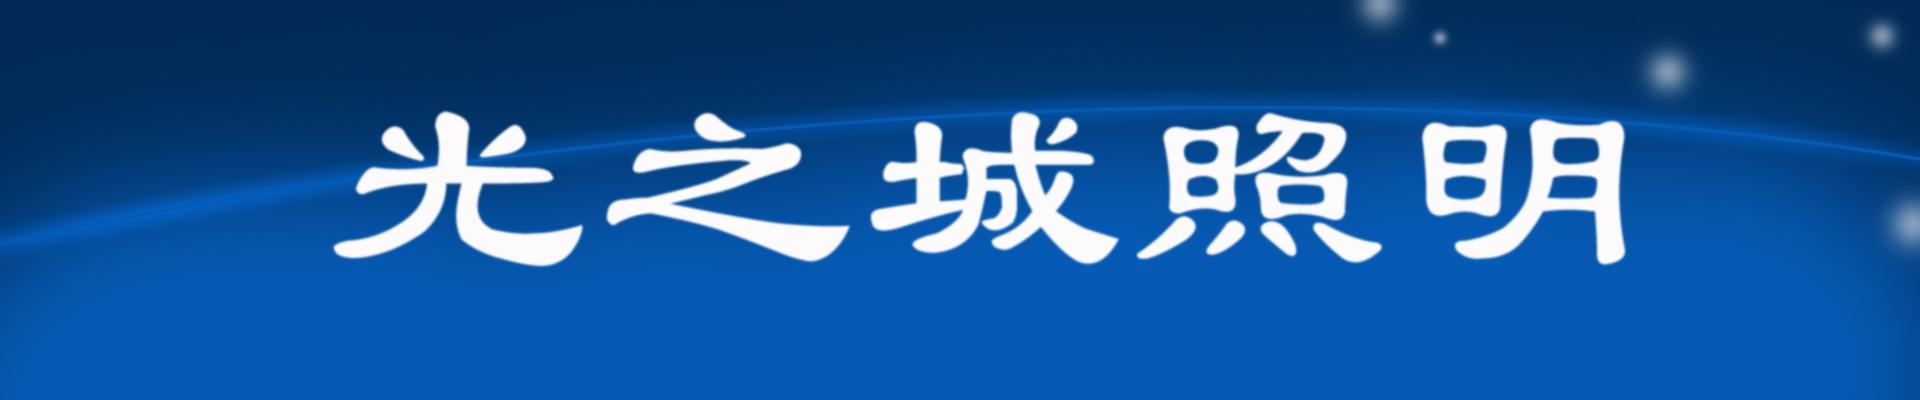 萍乡市光之城照明有限公司